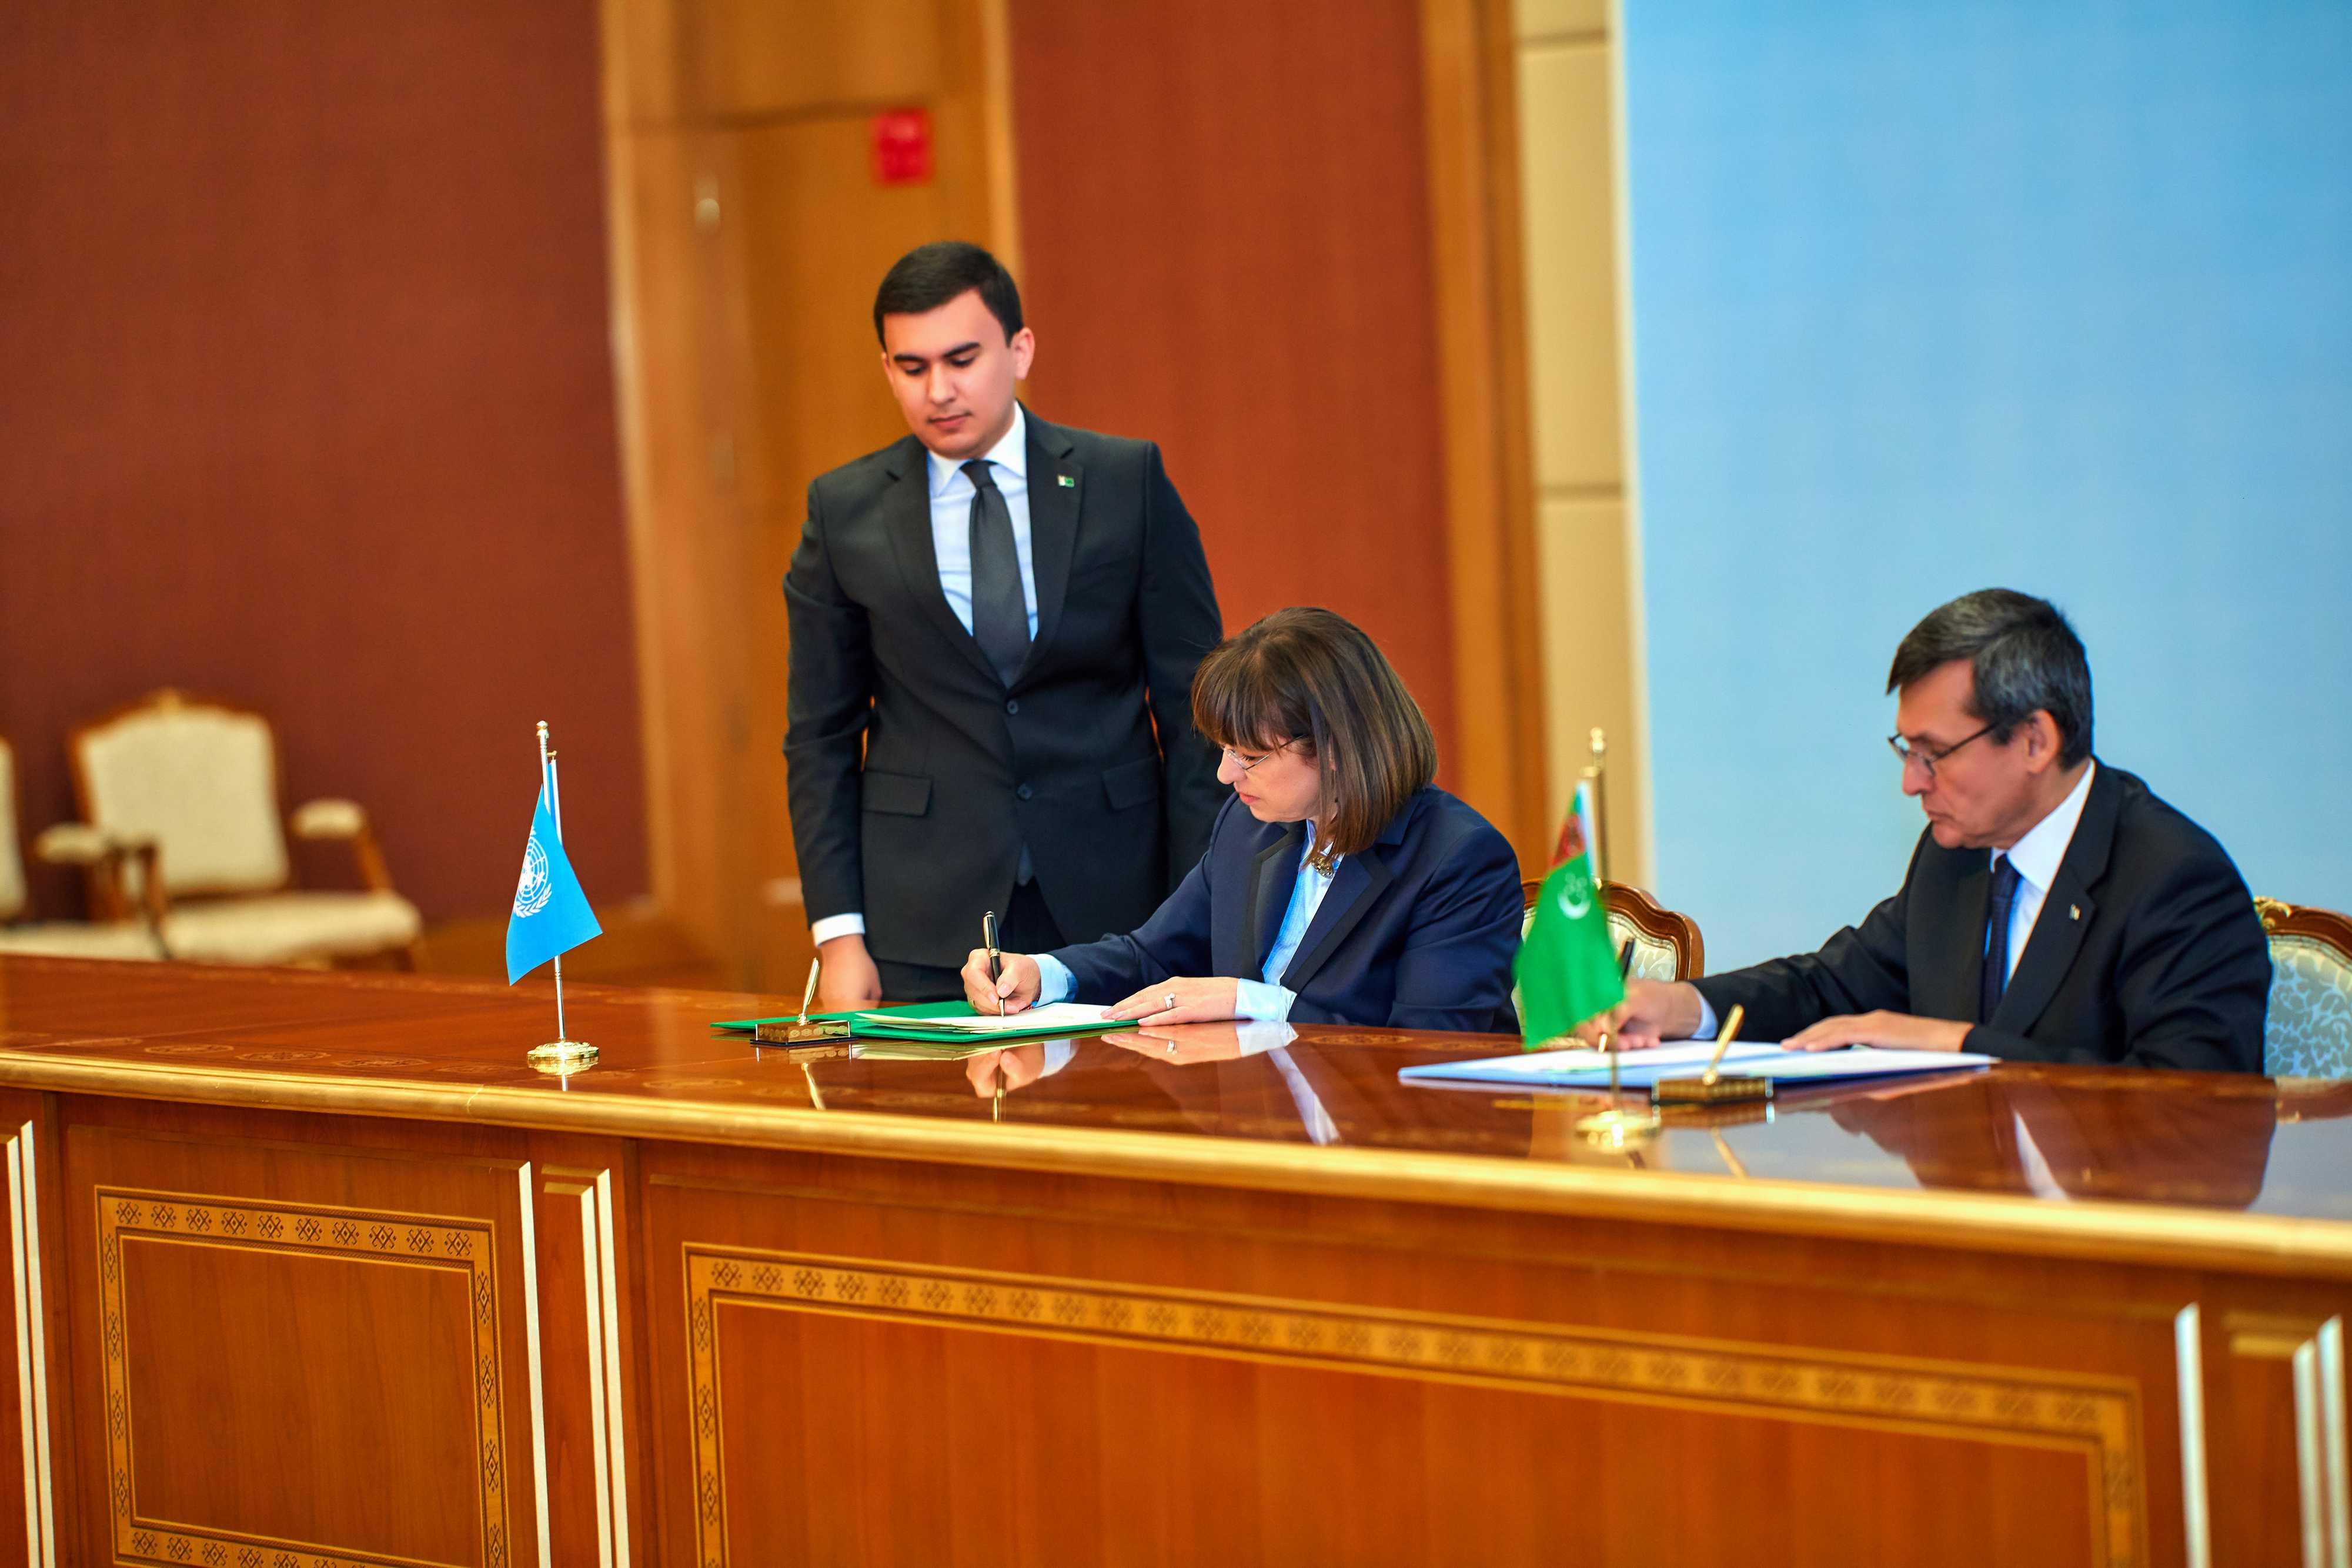 Определение стратегических направлений совместного сотрудничества в Туркменистане на ближайшие пять лет